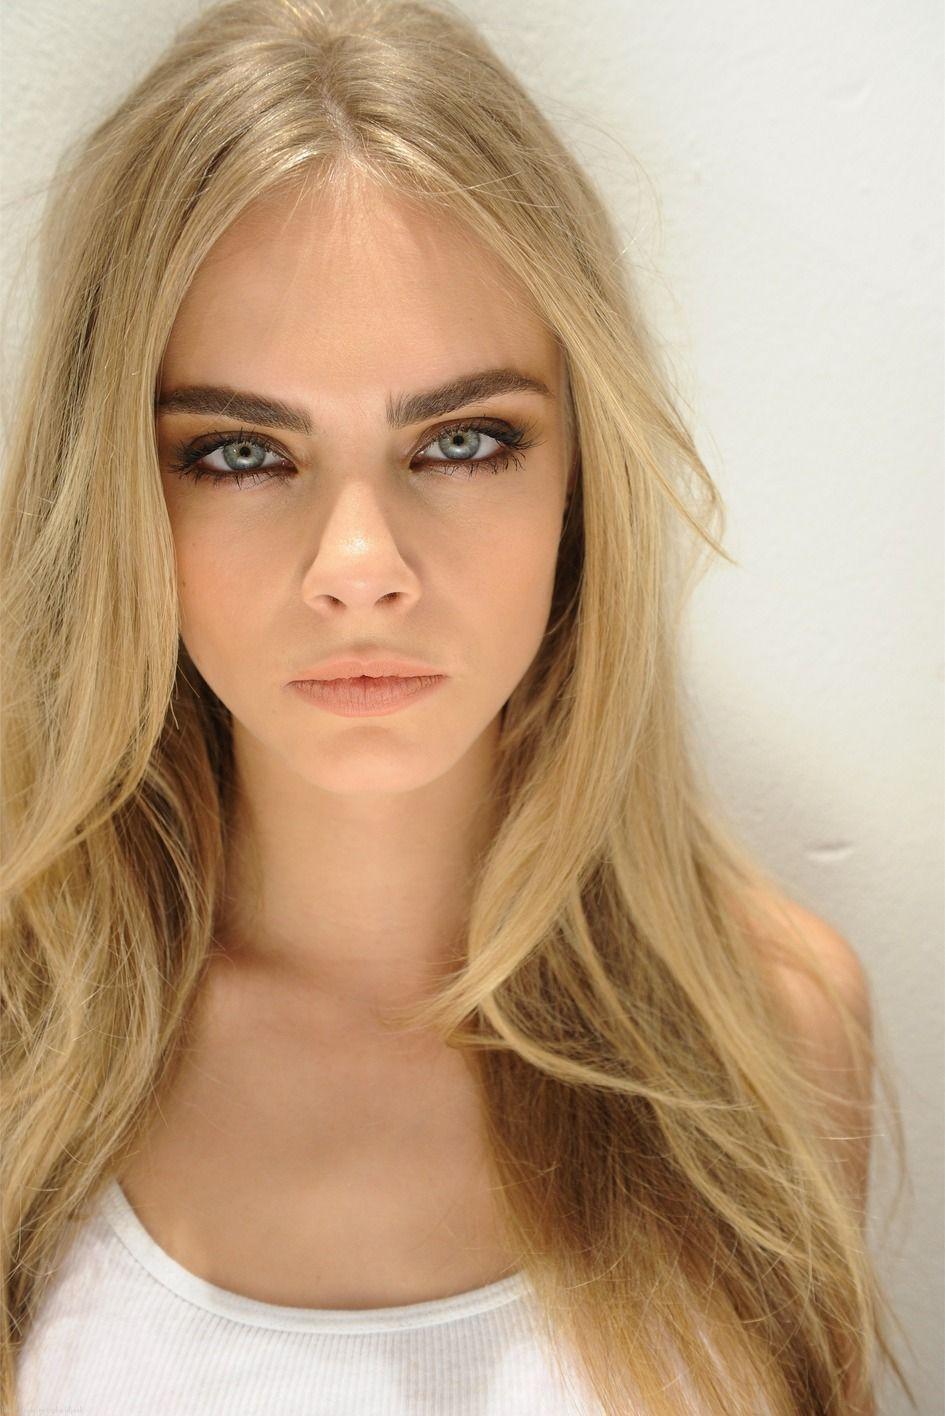 Cara Delevingne Makeup - Google Търсене   Turn your face ...